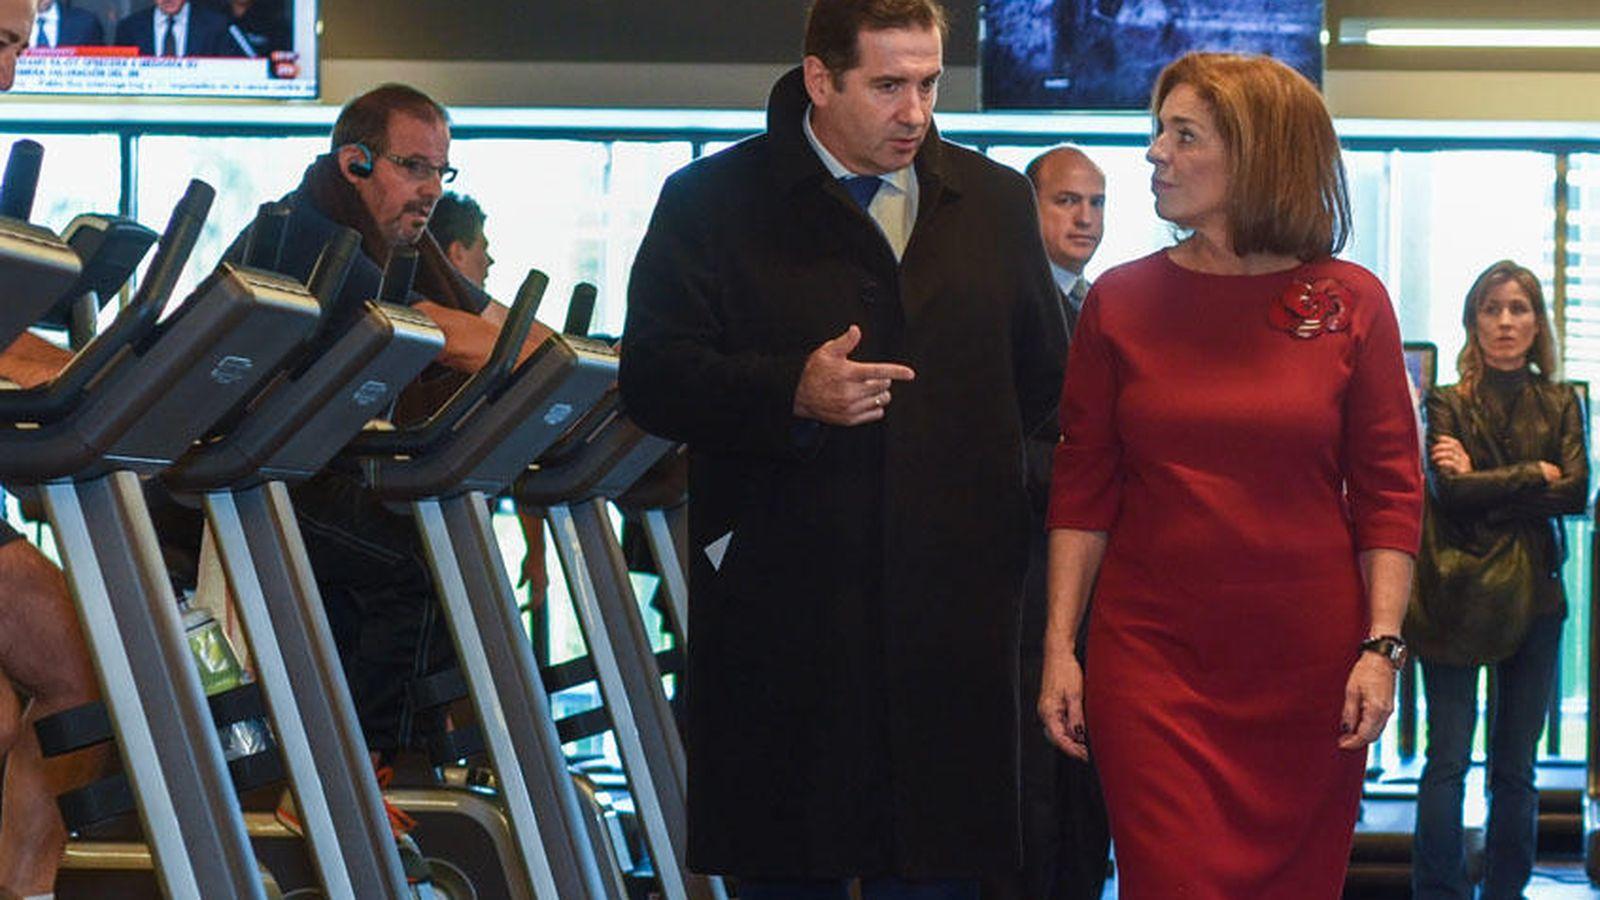 Foto: Ana Botella junto al presidente de Ingesport, Gabriel Sáez, durante la visita a uno de los gimnasios del grupo. (Foto: ingesport.es)